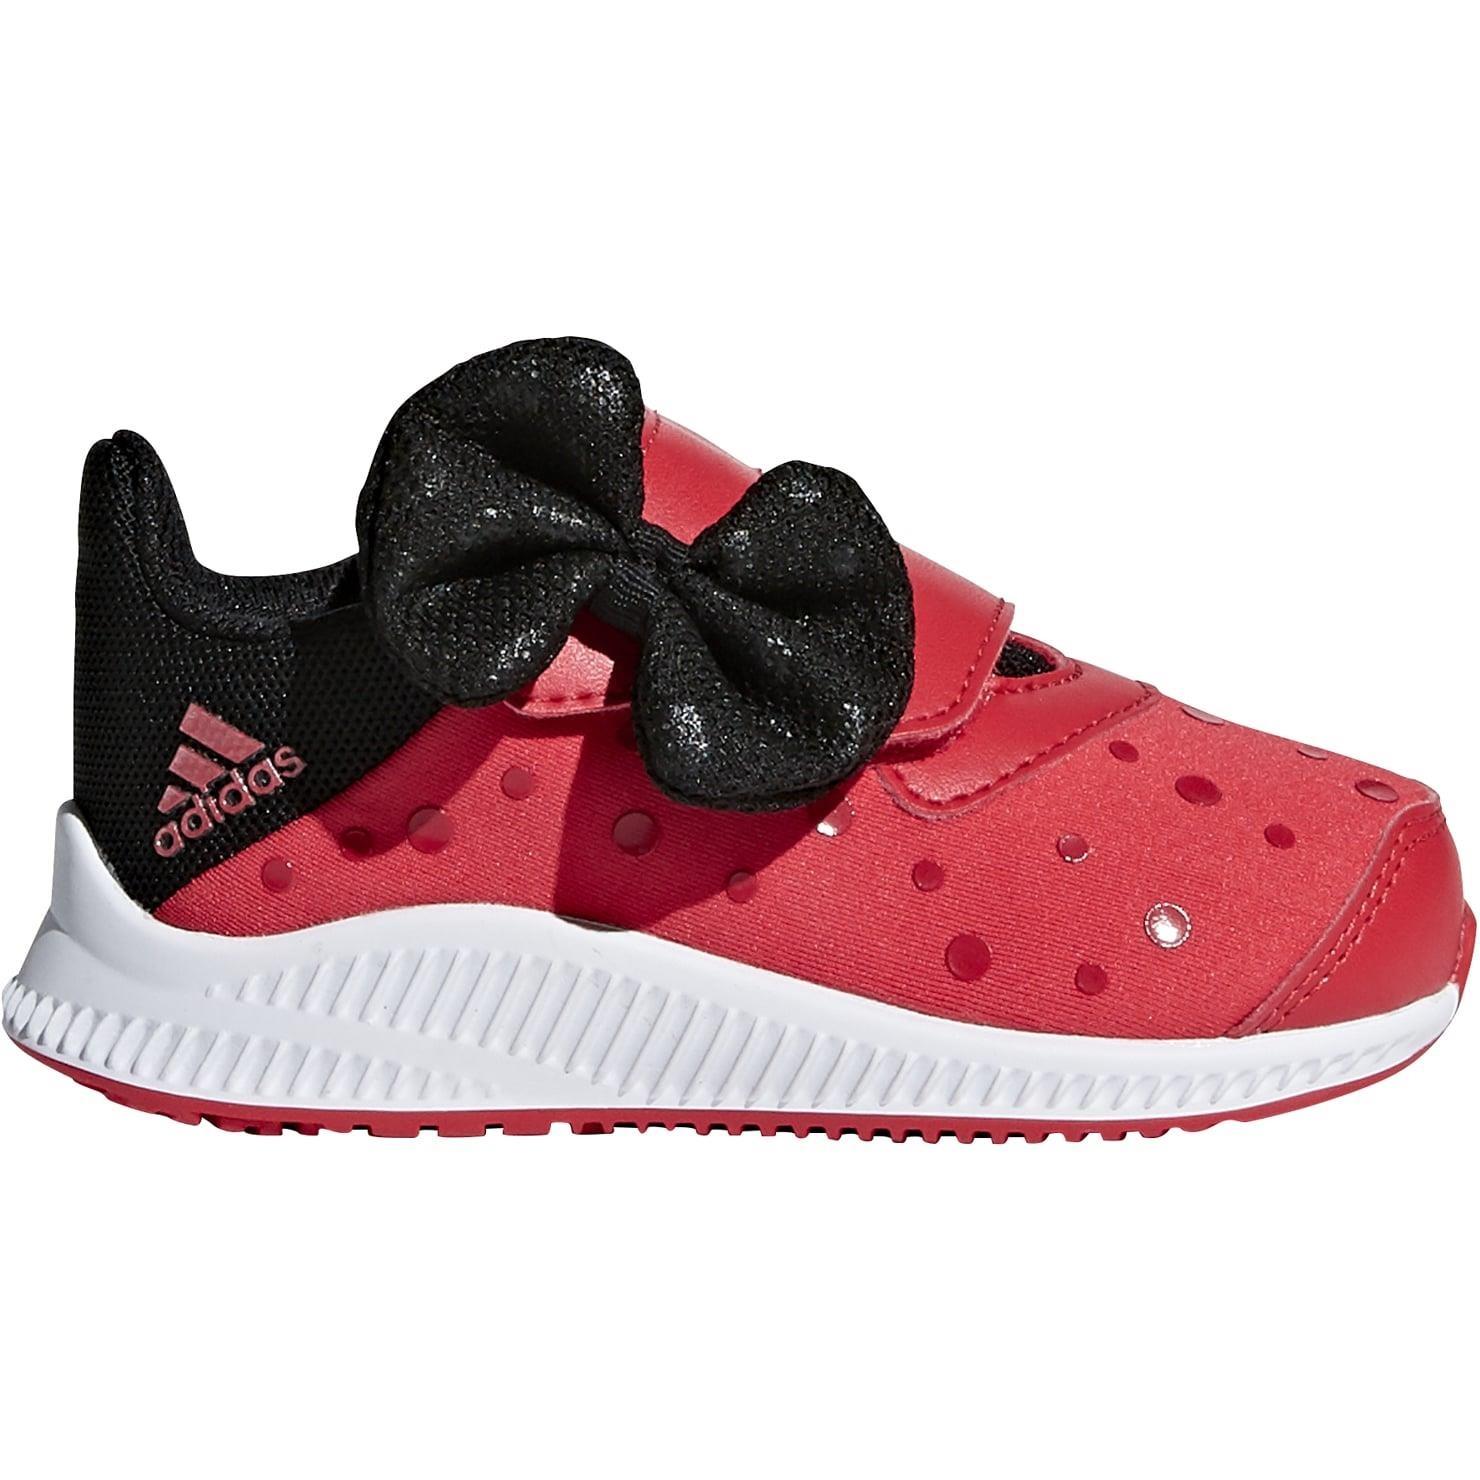 sar0da02b buty sportowe myszka minnie adidasy dziecięce r 32